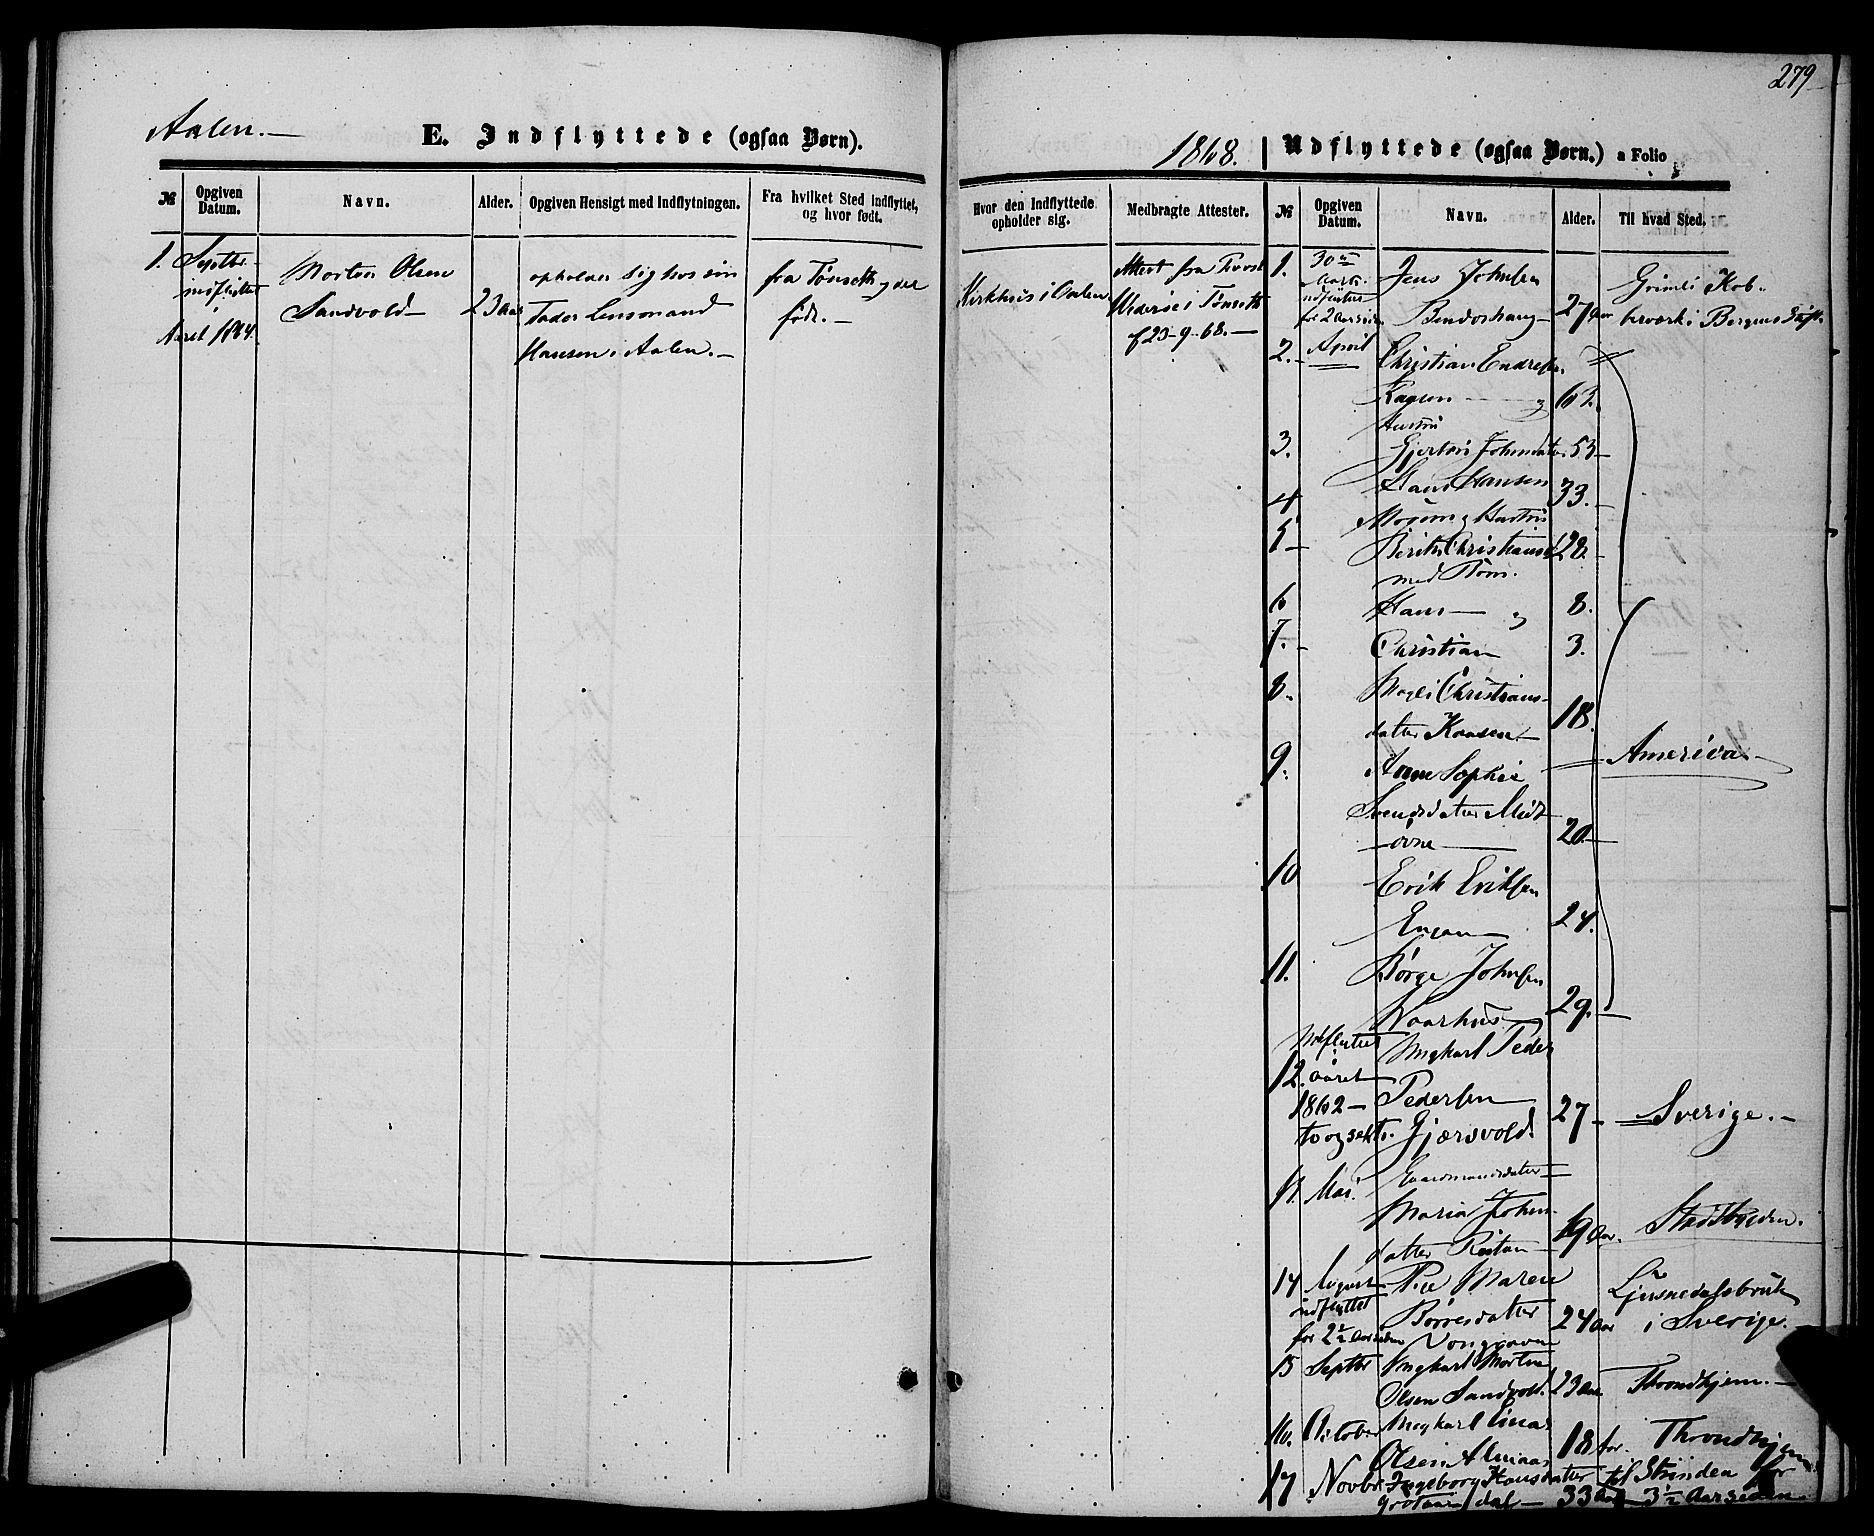 SAT, Ministerialprotokoller, klokkerbøker og fødselsregistre - Sør-Trøndelag, 685/L0968: Ministerialbok nr. 685A07 /3, 1860-1869, s. 279